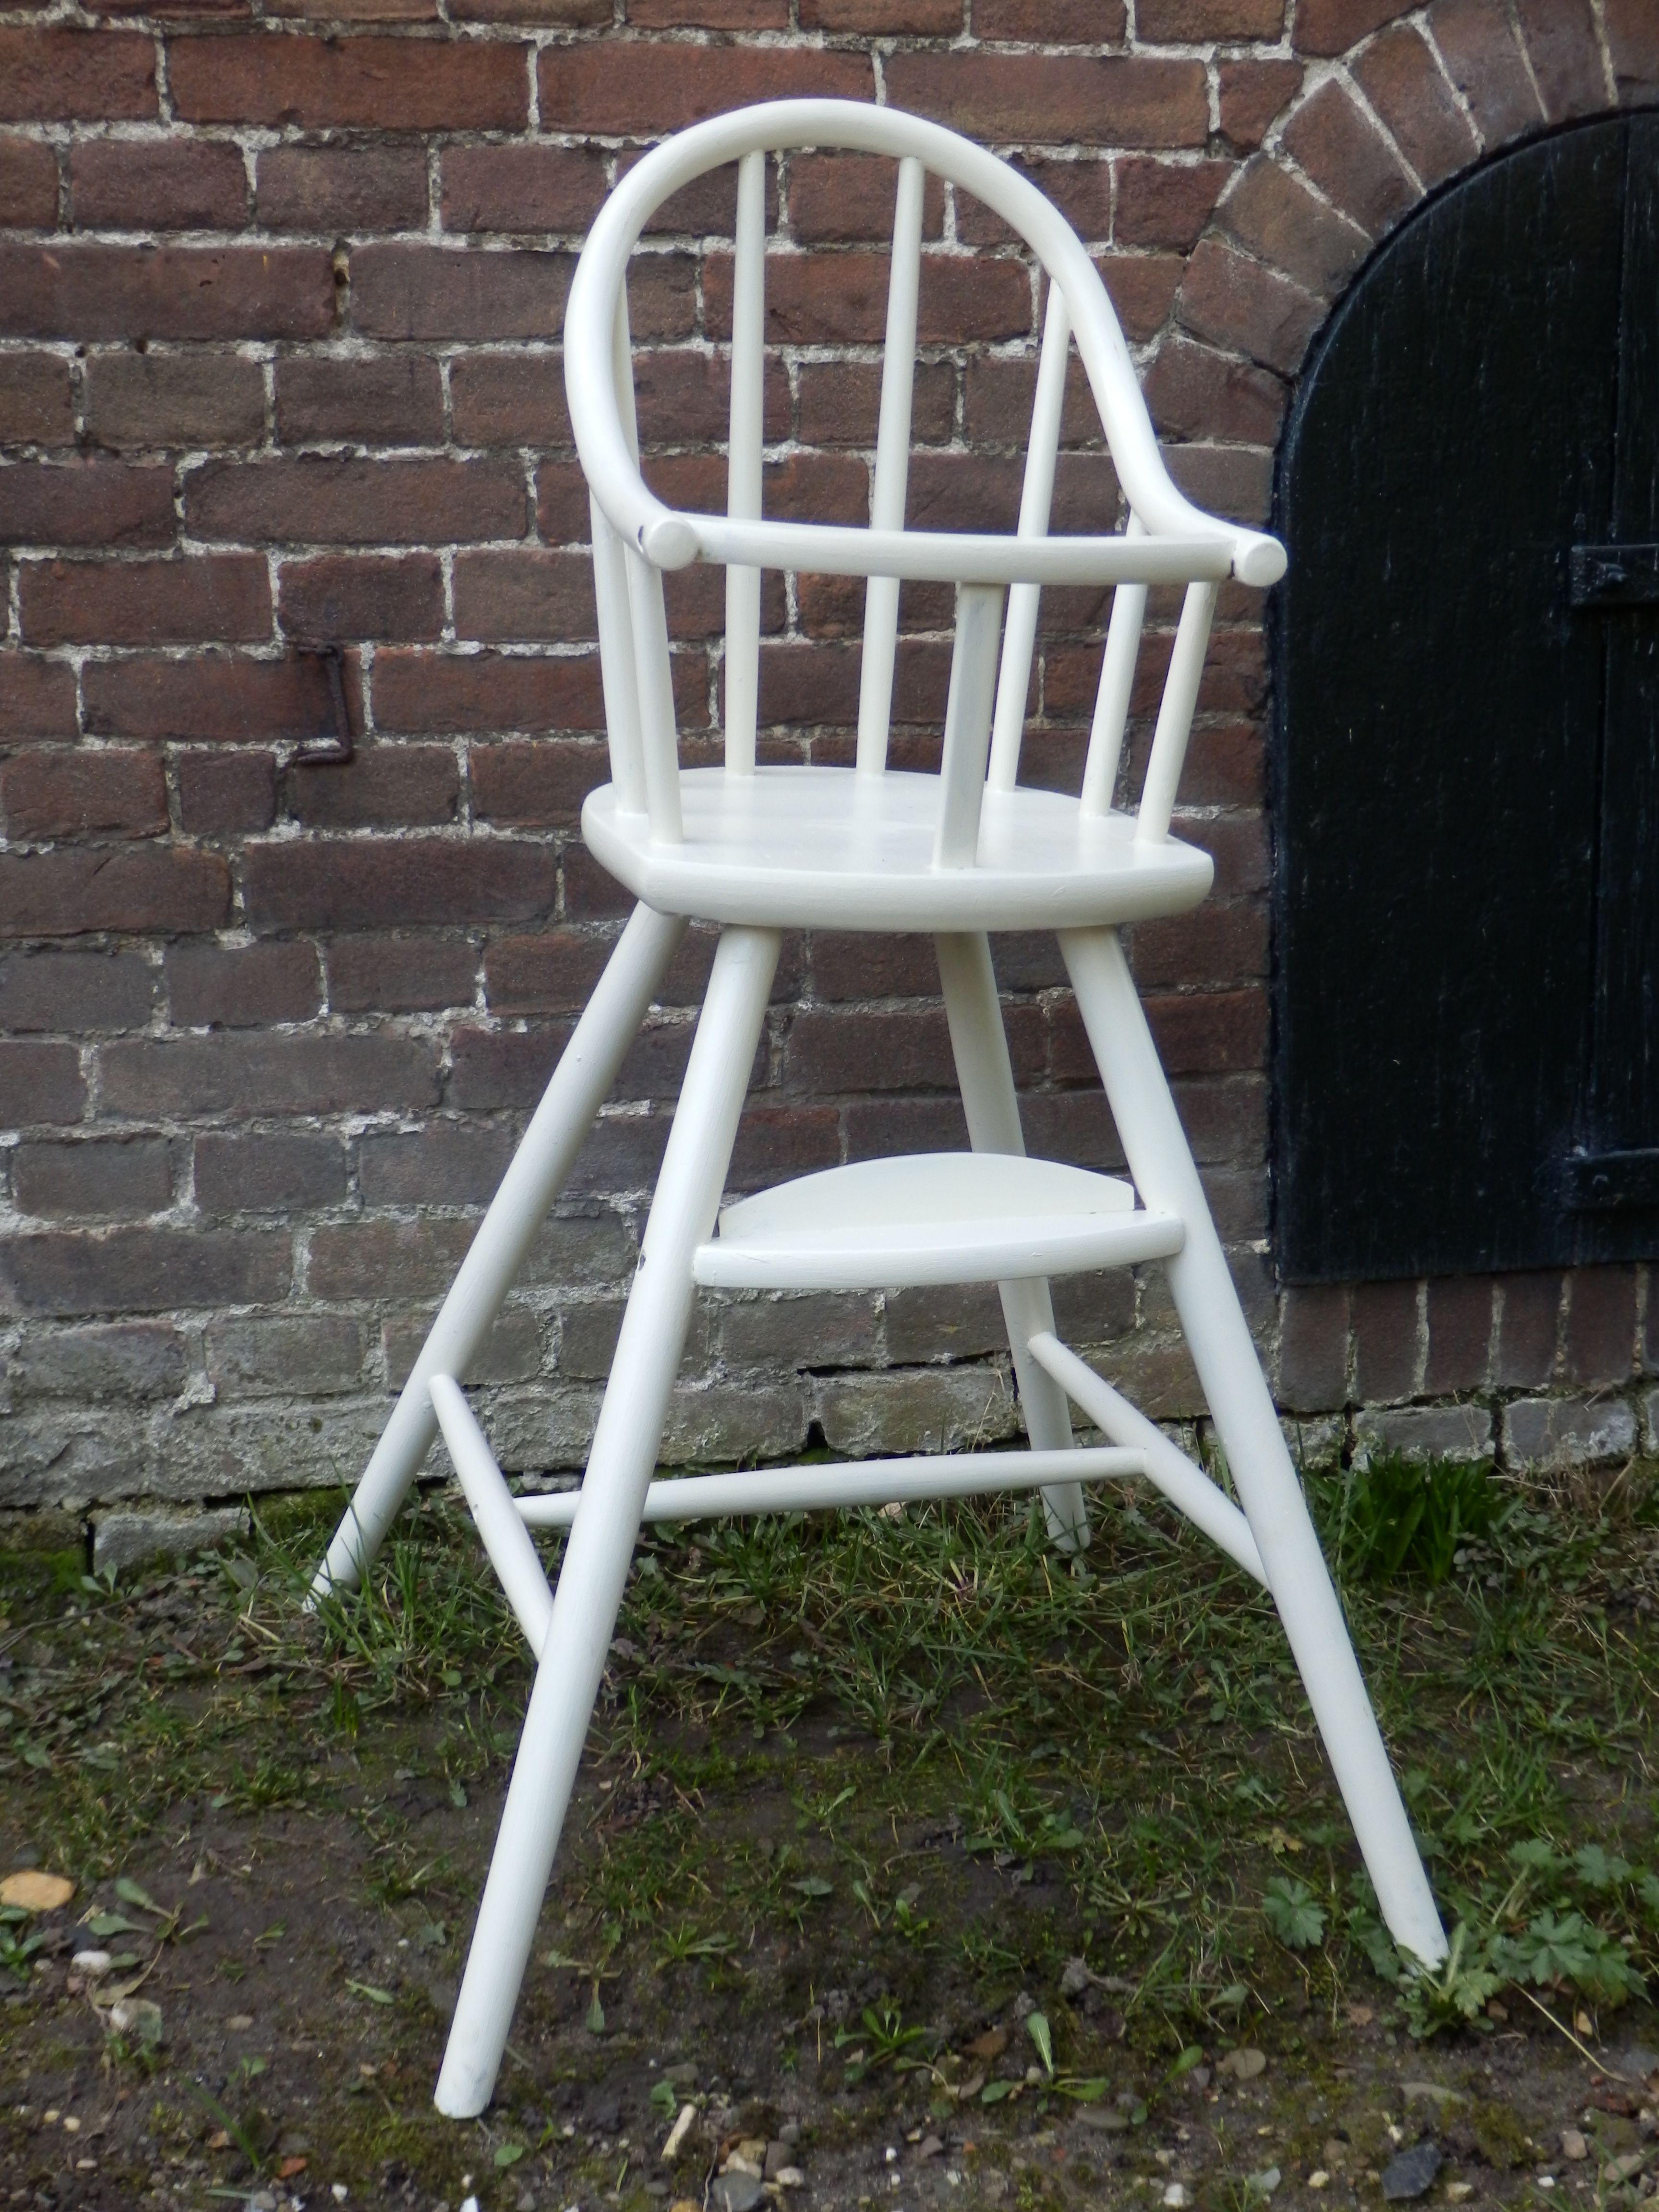 Houten Kinderstoel Wit.Verkocht Witte Houten Kinderstoel Brocante Stijl De Stoel Is Wit